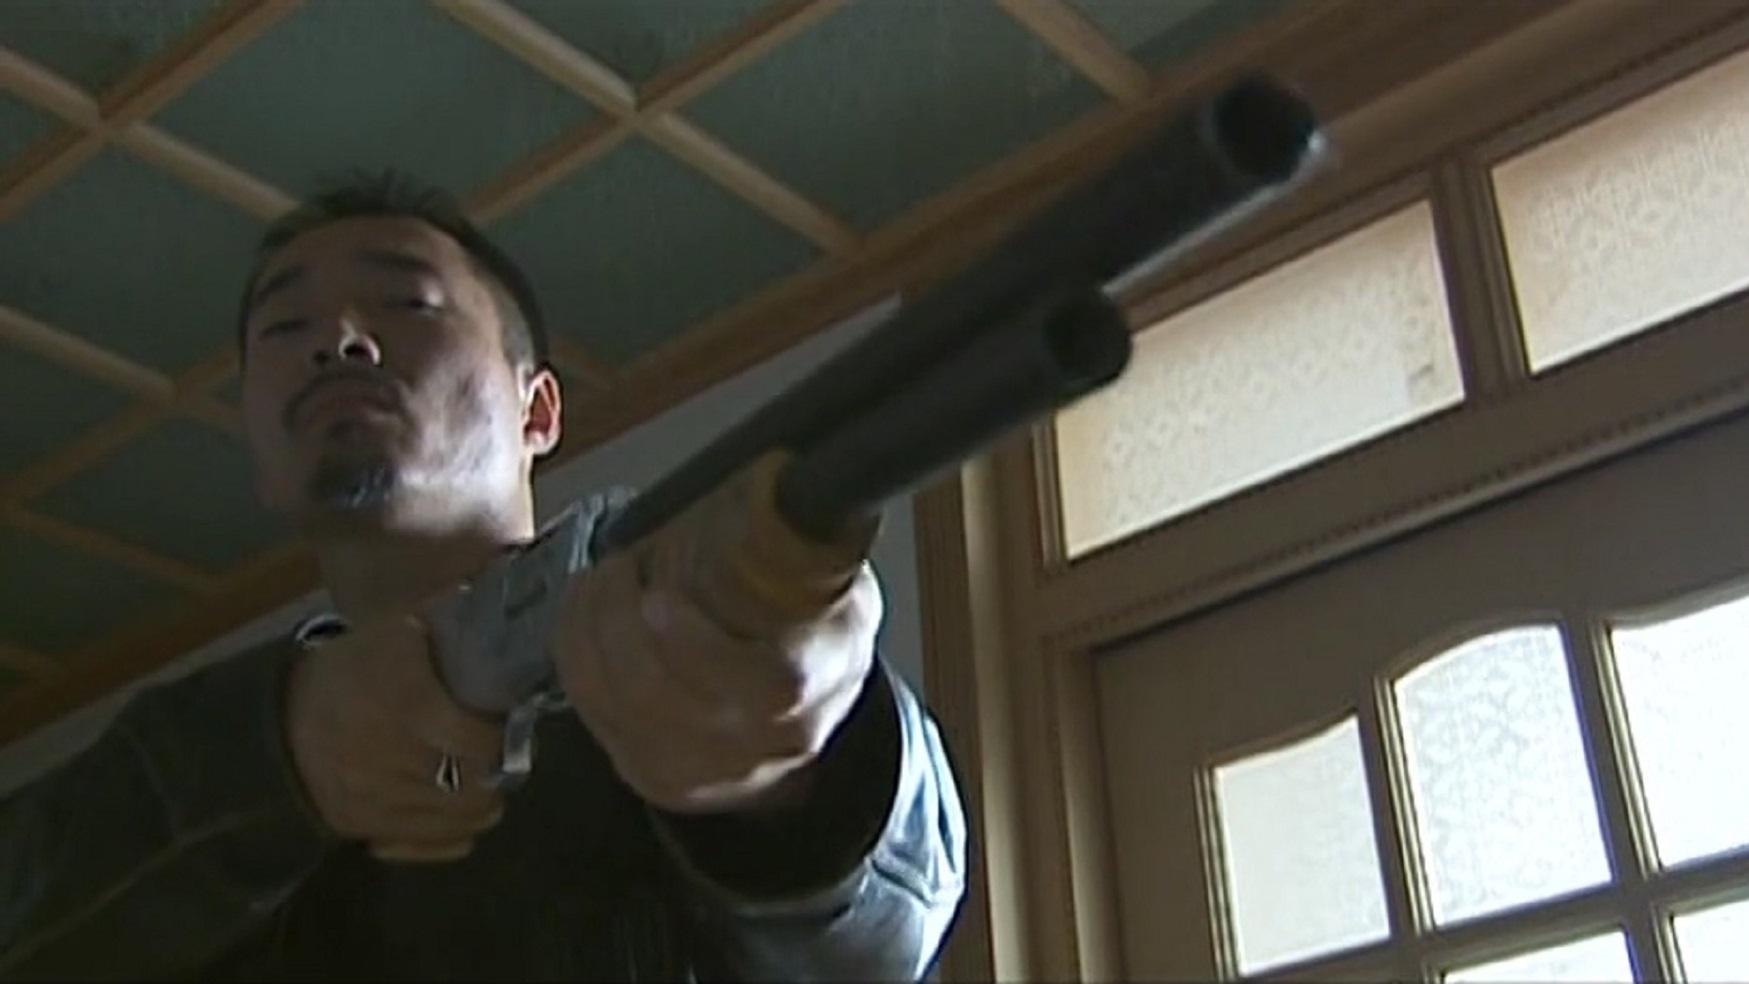 征服05:刘华强带着小弟开始疯狂复仇,封彪吓的提起裤子就跑